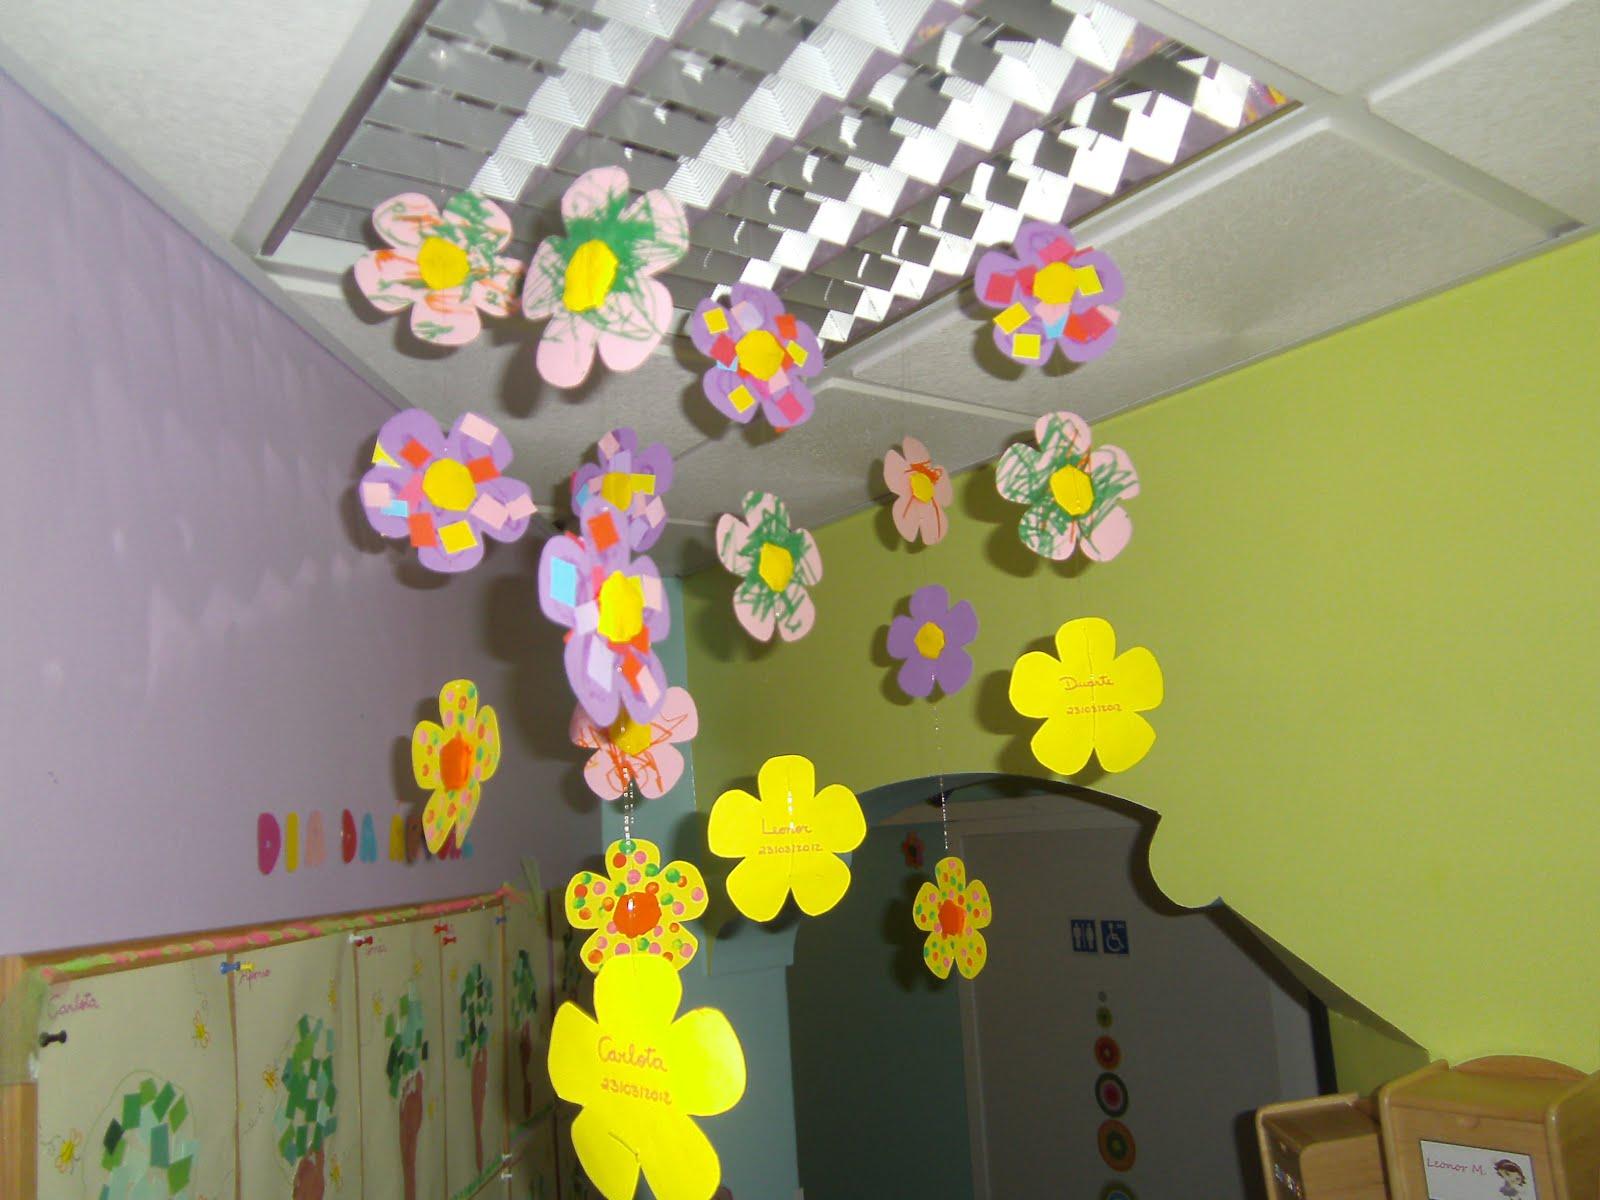 Baby steps mobile da primavera for Primavera mobili